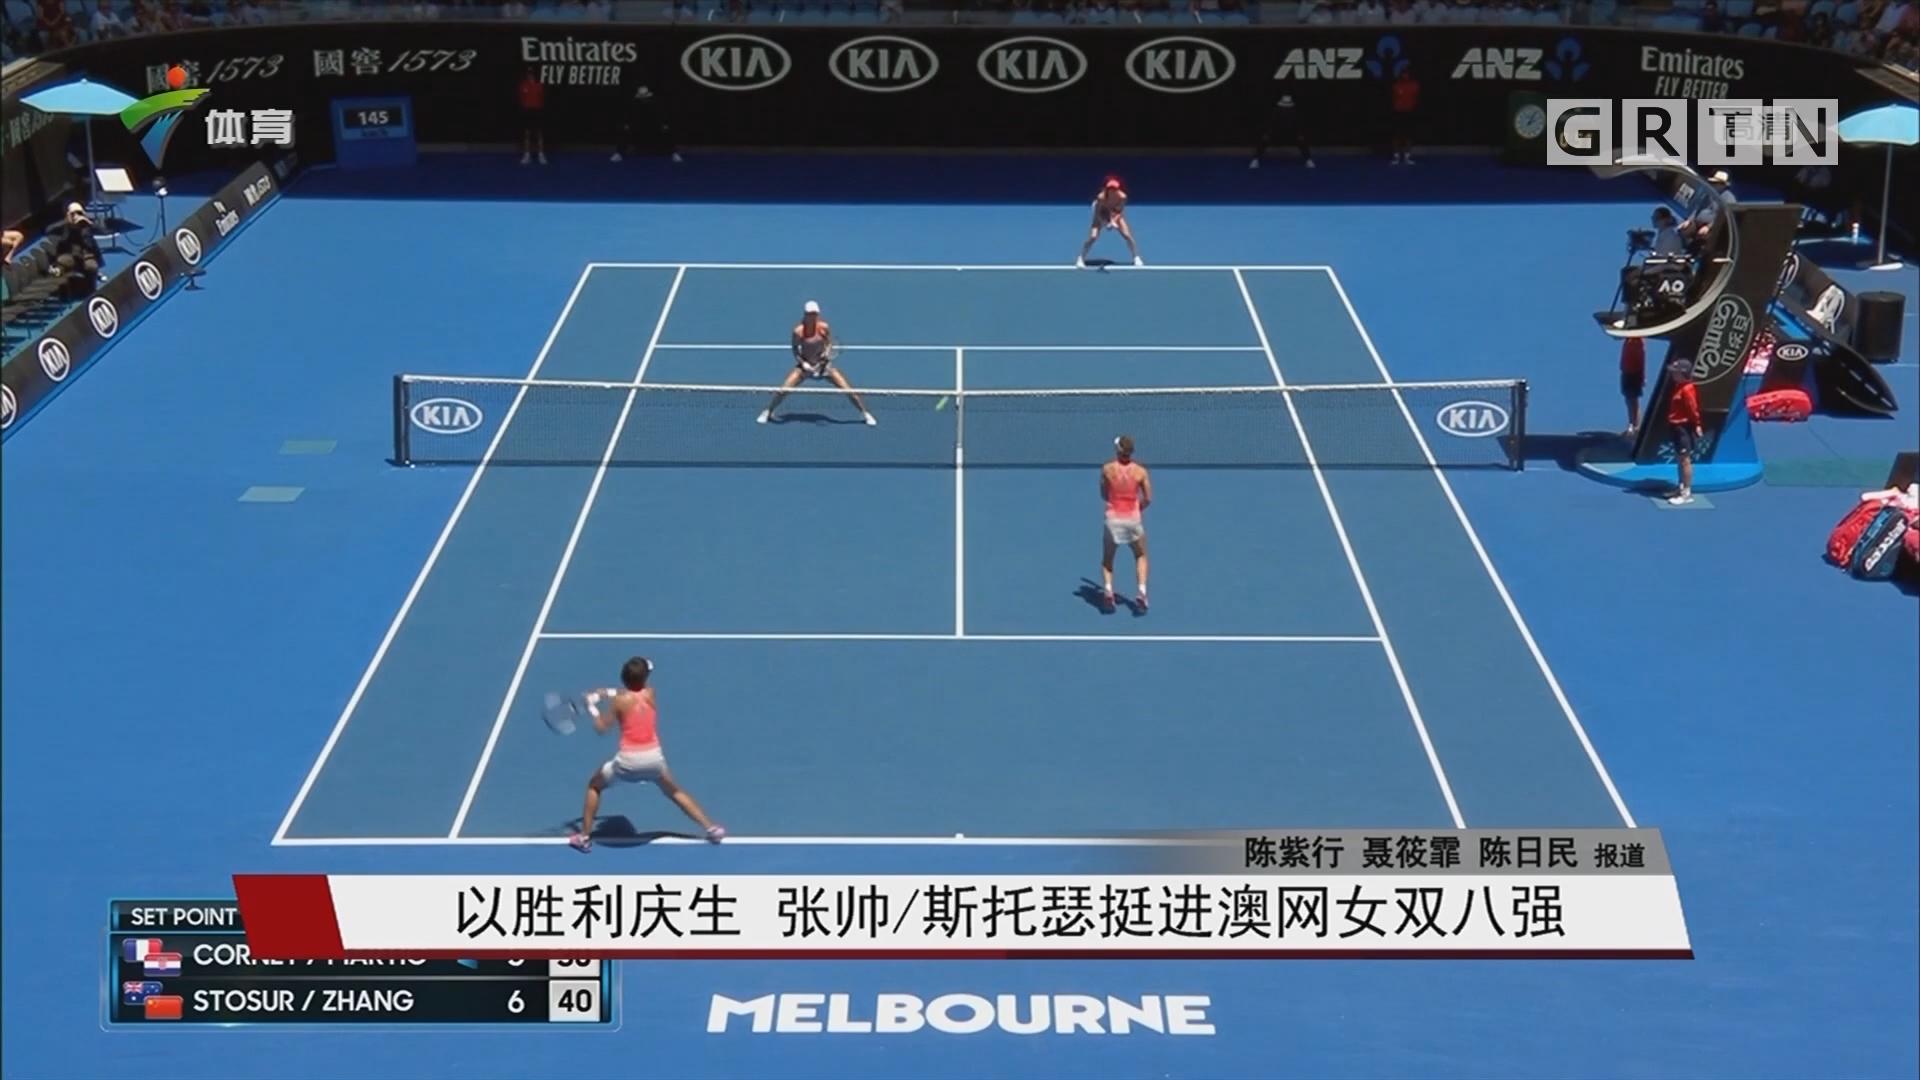 以胜利庆生 张帅/斯托瑟挺进澳网女双八强